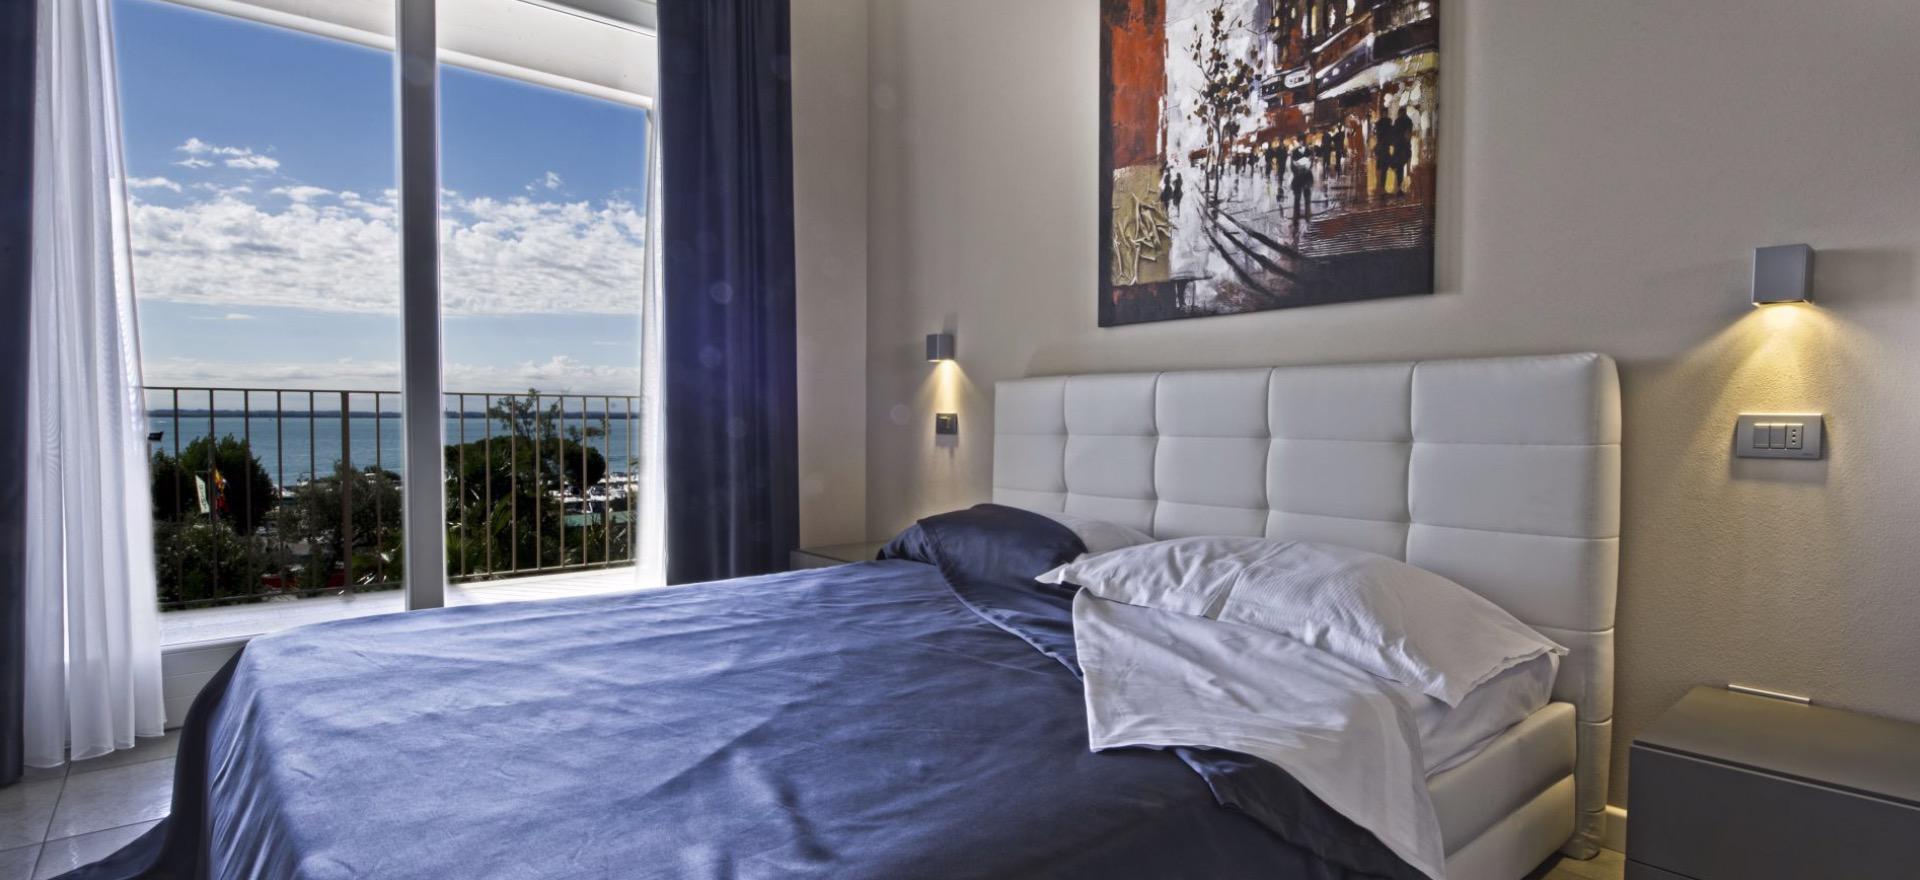 Agriturismo Lake Como and Lake Garda Child-friendly residence within walking distance of Lake Garda